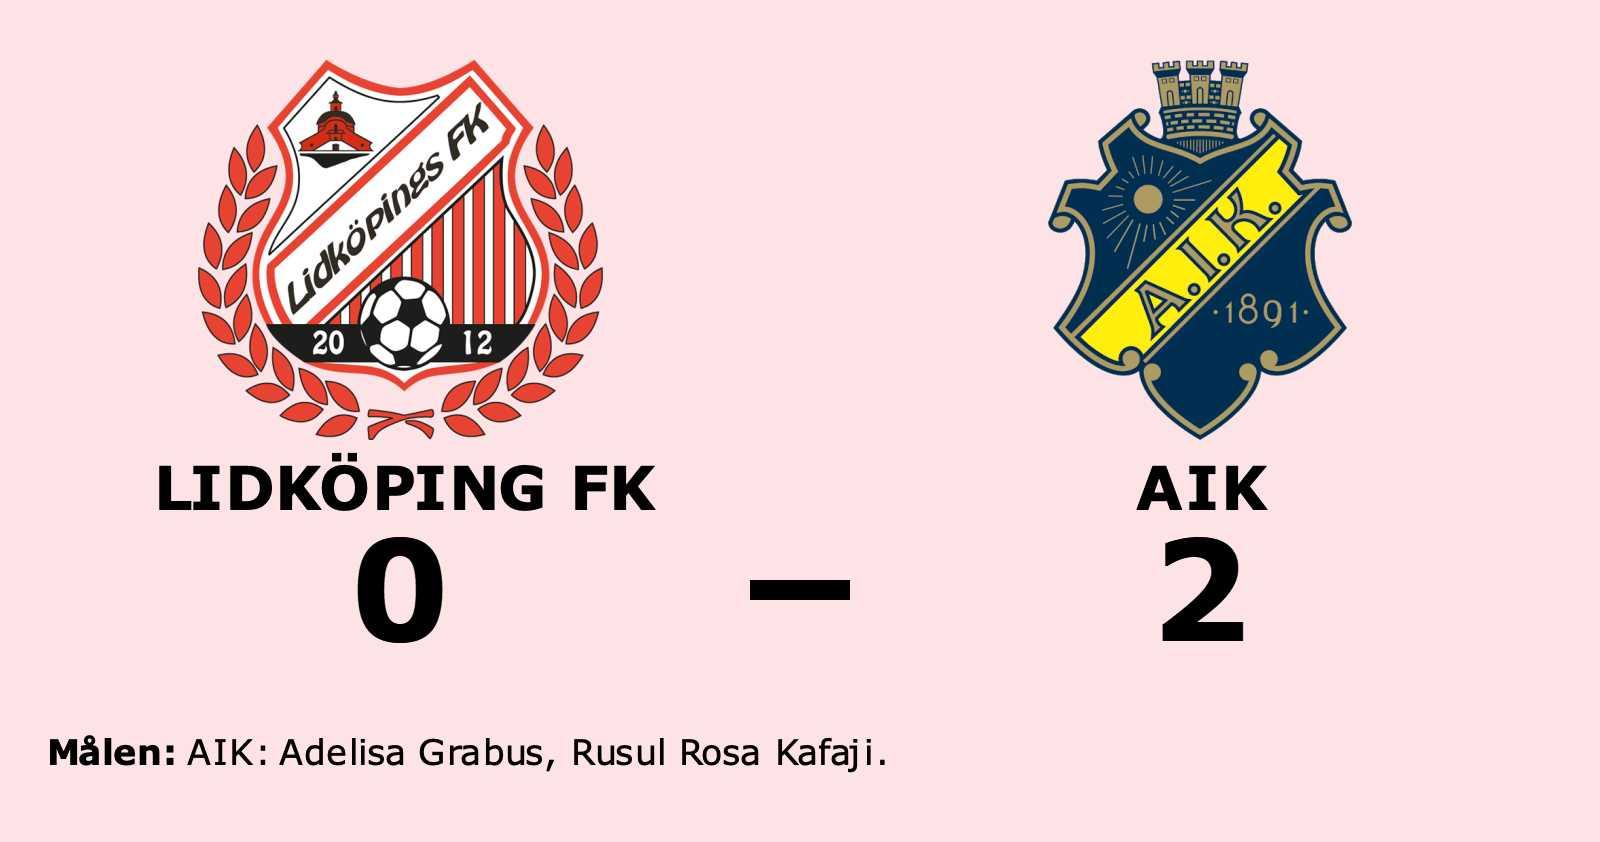 Adelisa Grabus och Rusul Rosa Kafaji matchvinnare när AIK vann